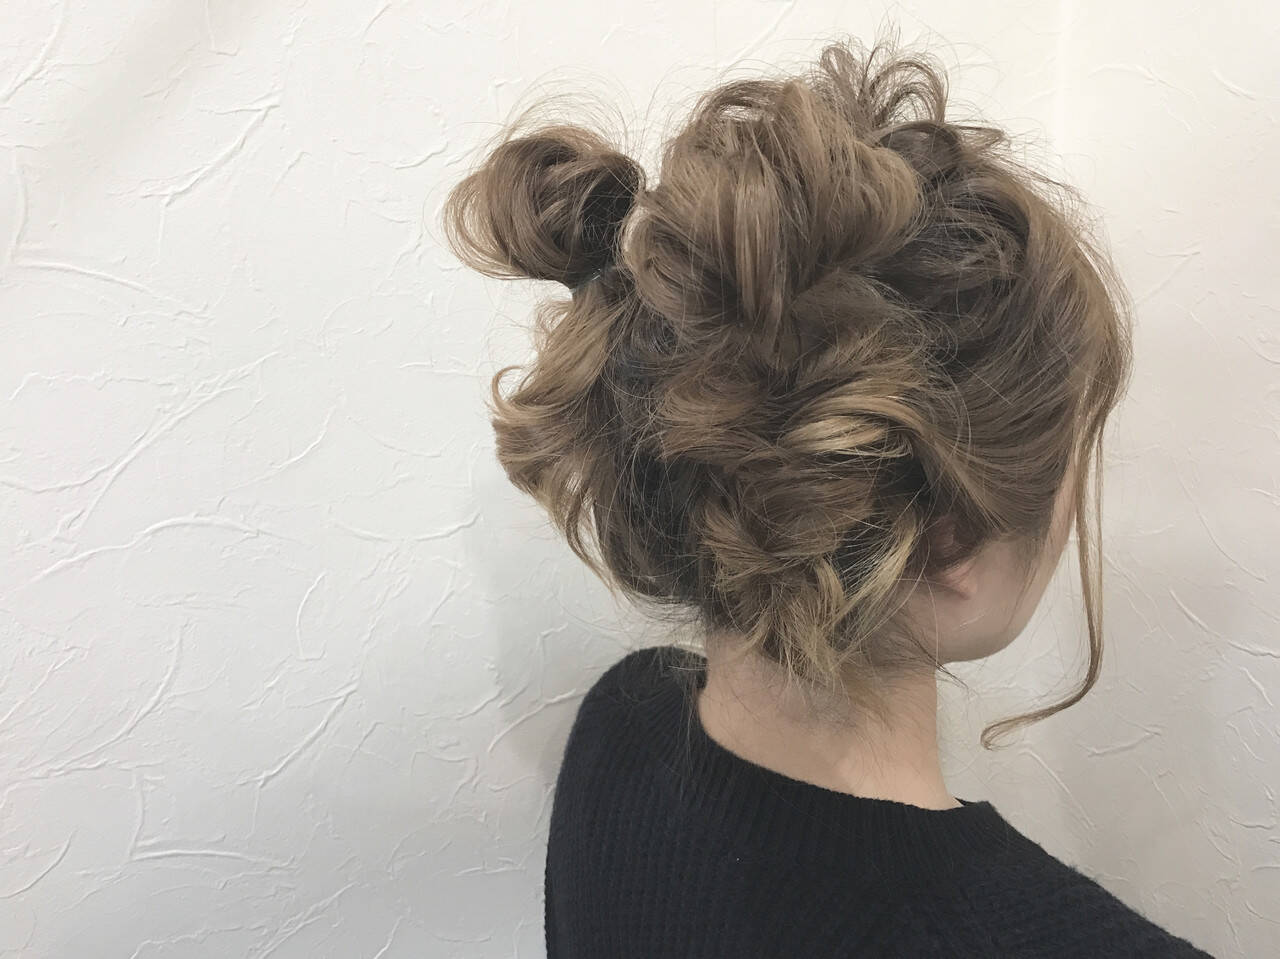 ヘアアレンジ ガーリー ふわふわヘアアレンジ ミディアムヘアスタイルや髪型の写真・画像